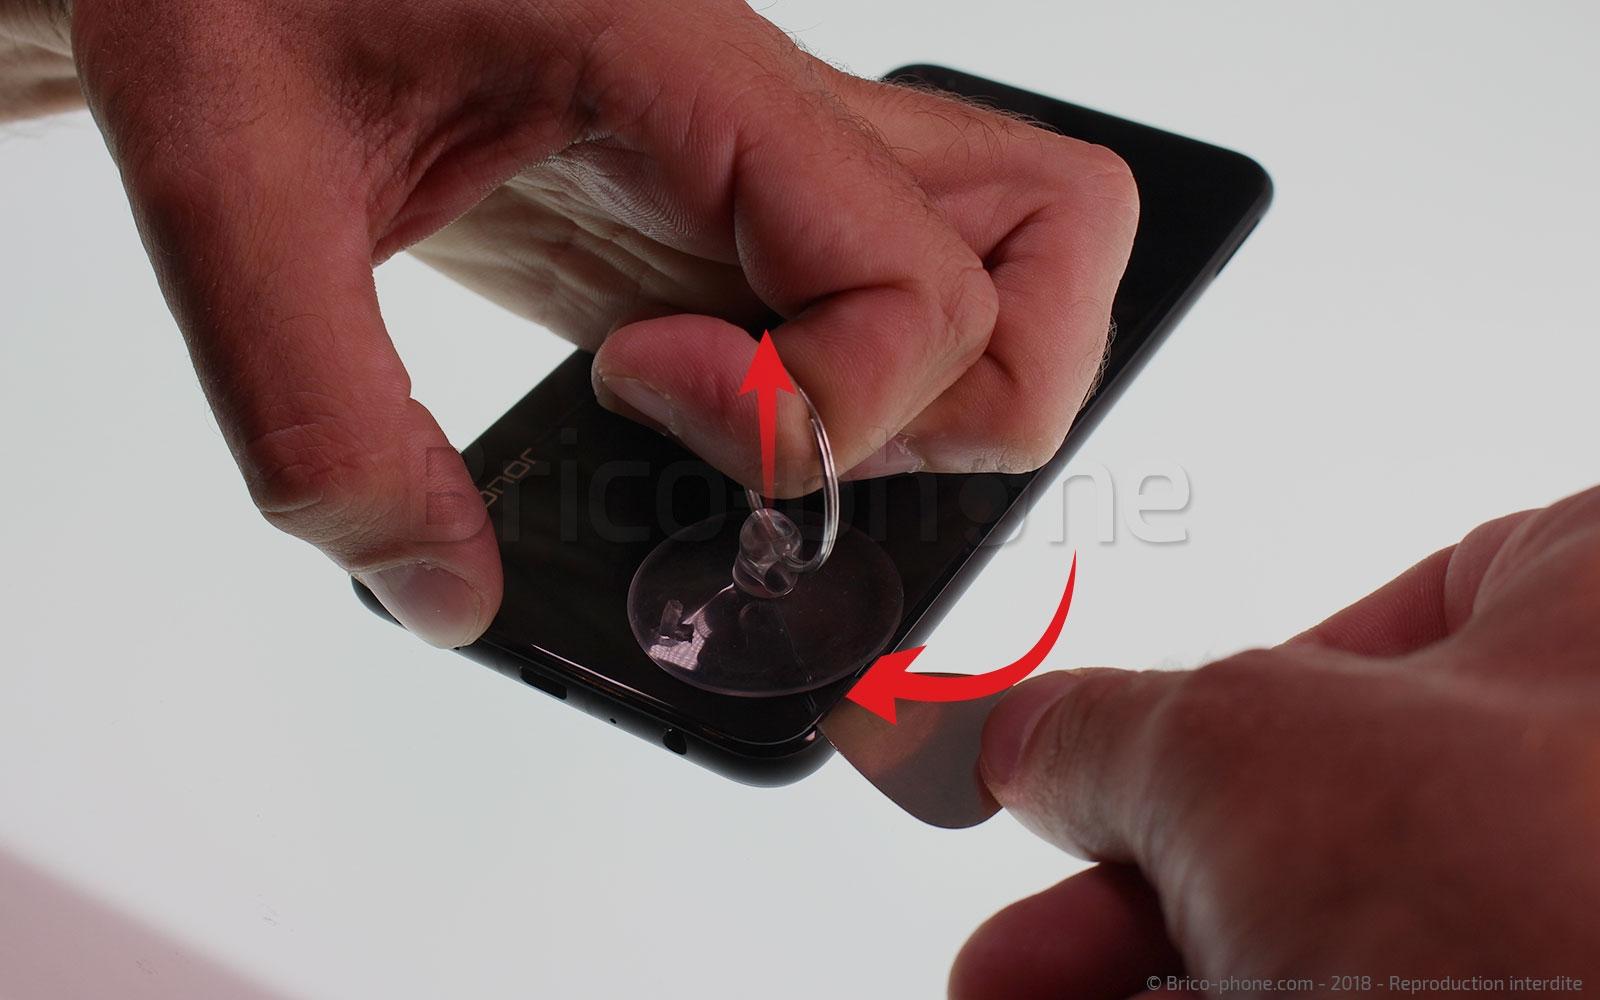 Etape 3 :  Mettre en place les outils pour le décollage de la vitre